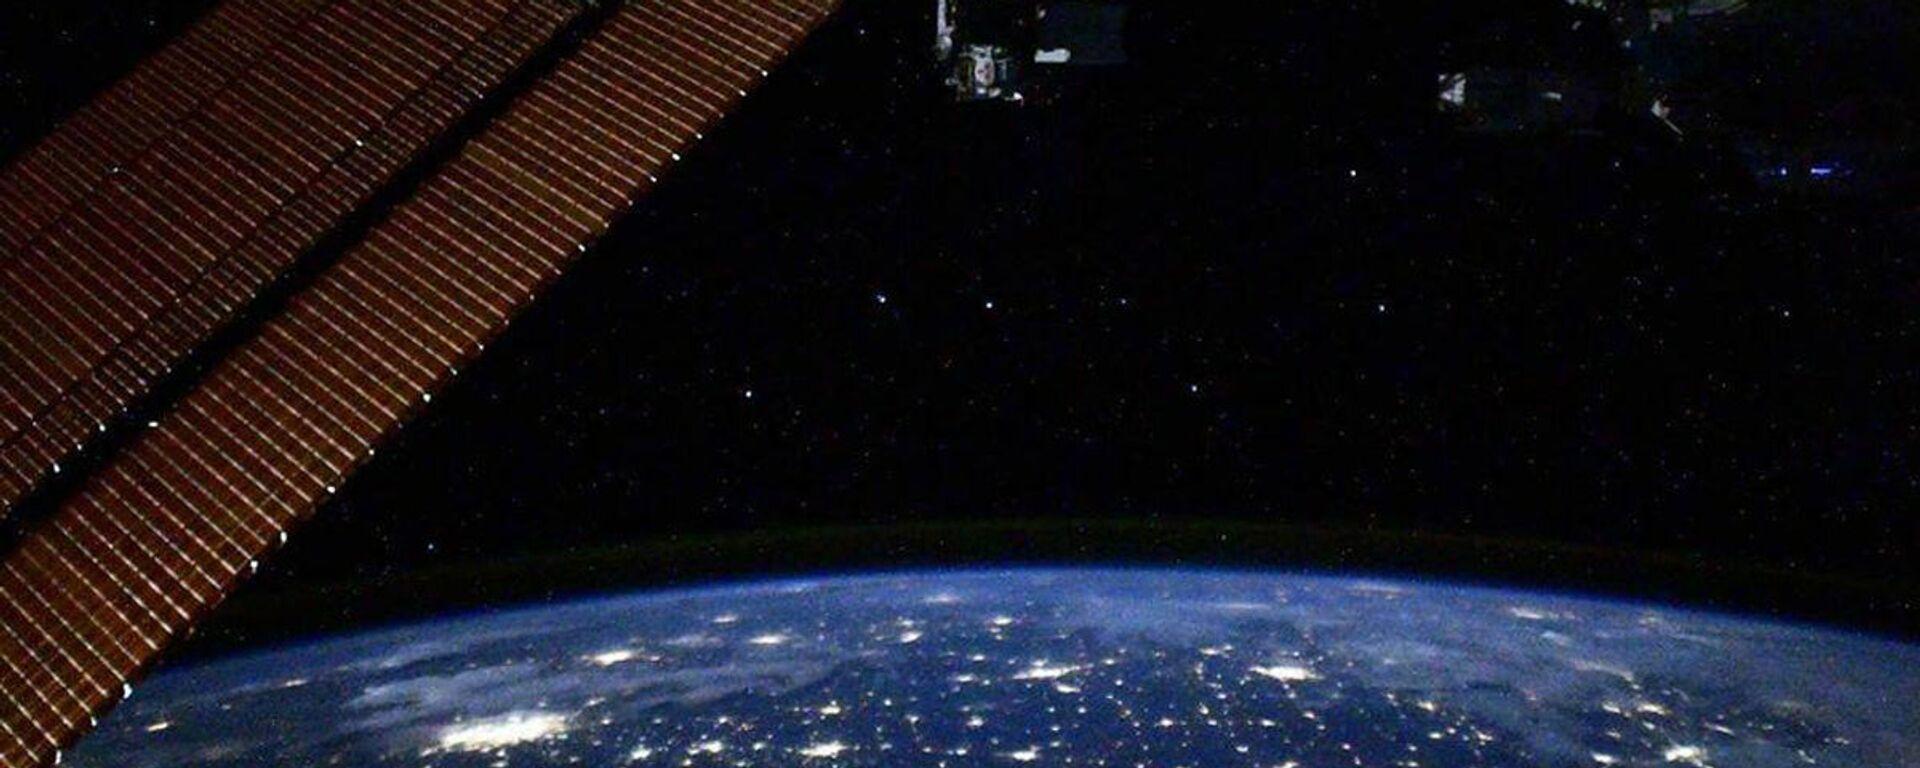 Pohled s ISS - Sputnik Česká republika, 1920, 02.03.2021